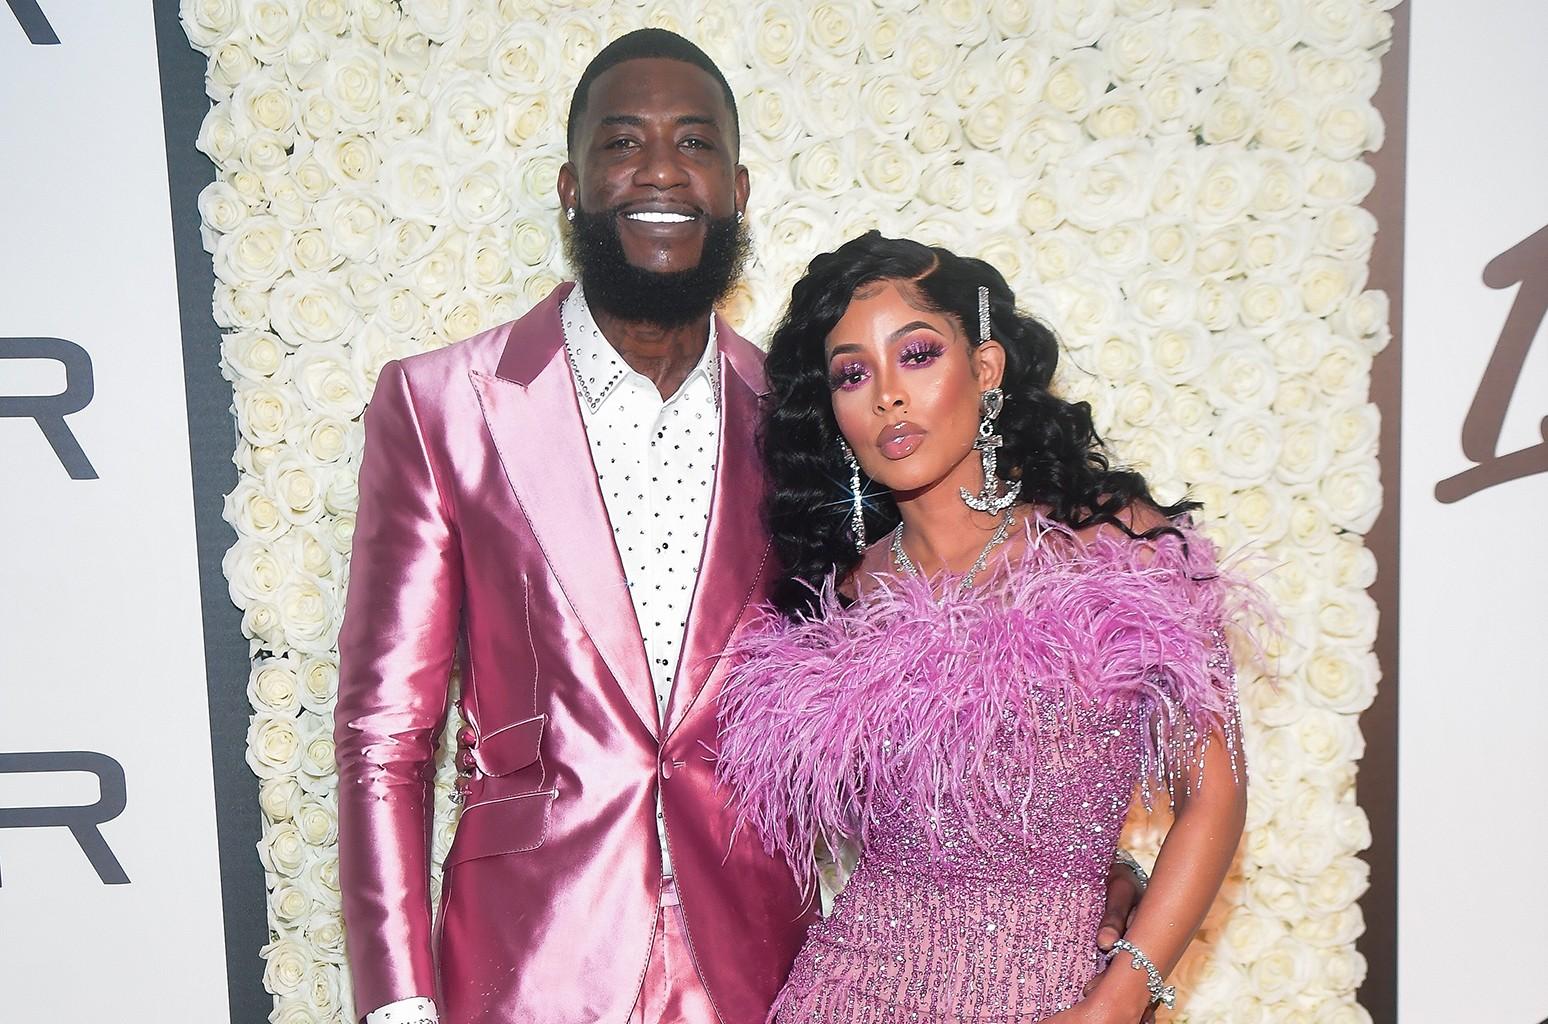 Gucci Mane and Keyshai Ka'oir